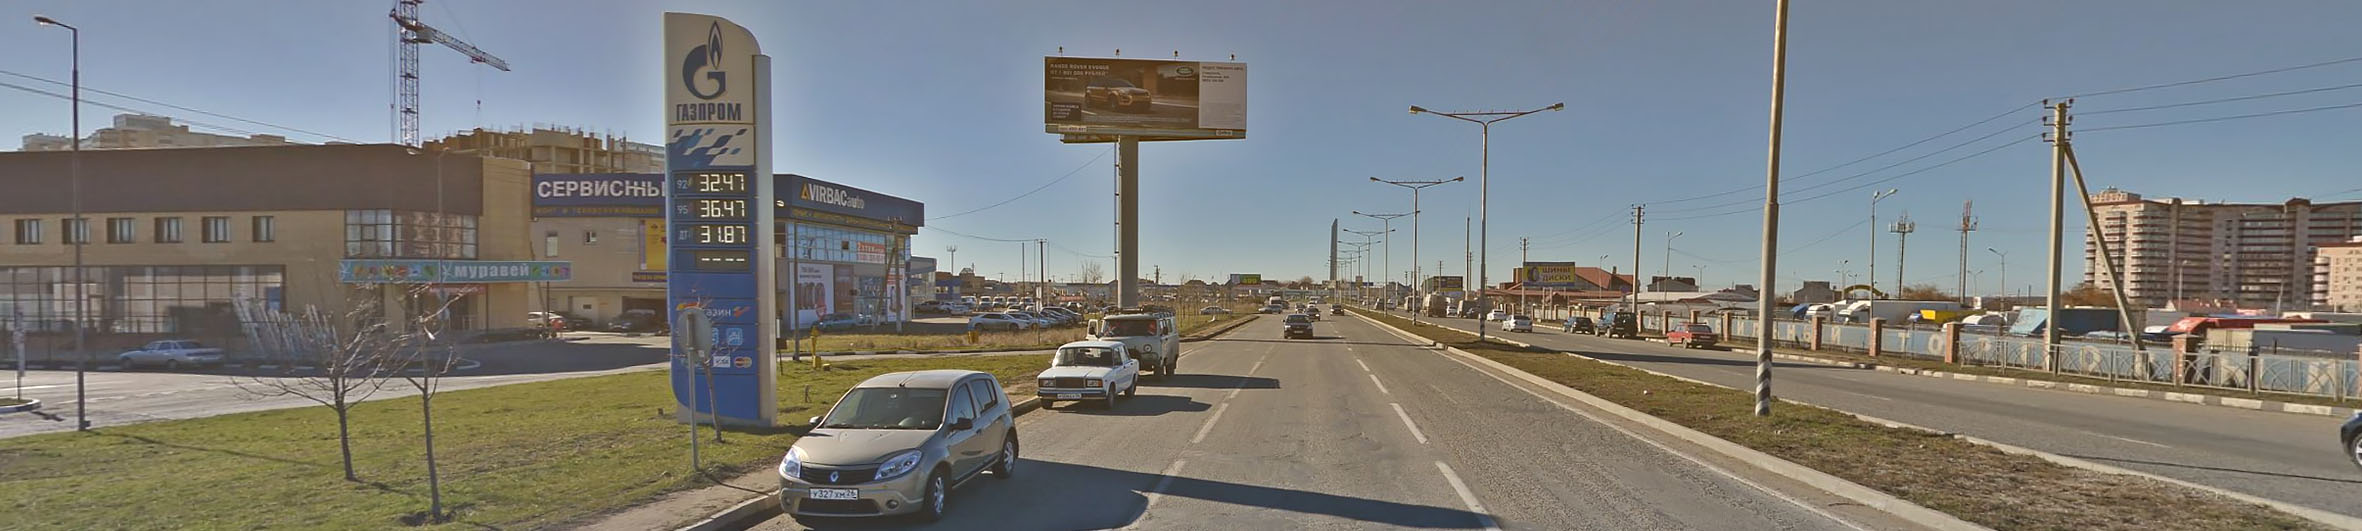 Реклама на билбордах в Ставропольском крае Ставрополь